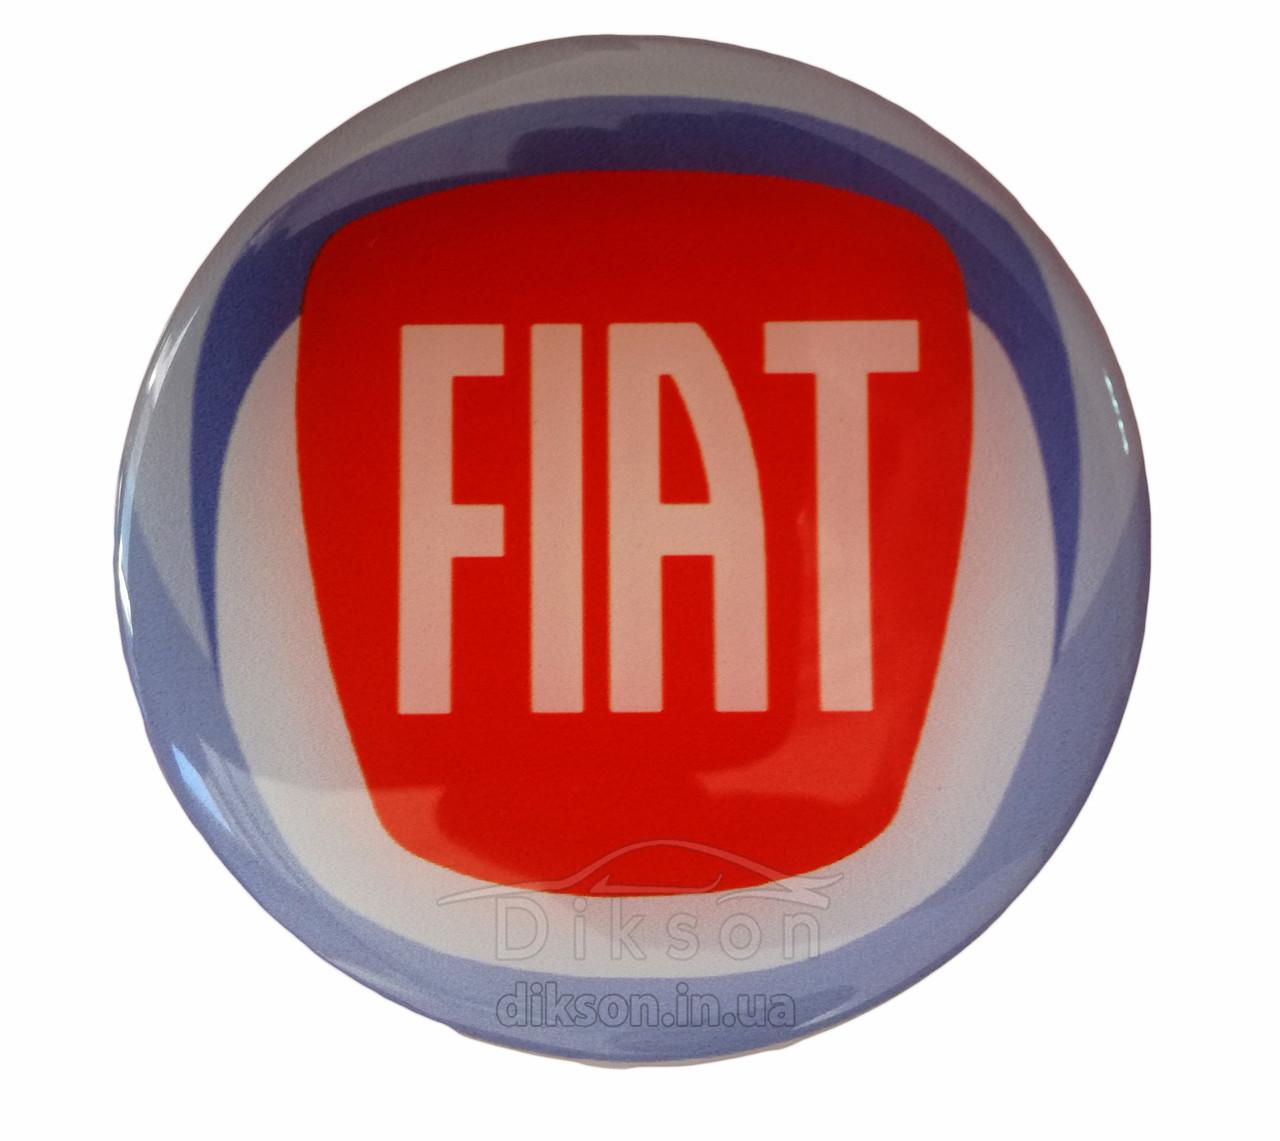 Наклейка силиконовая Fiat